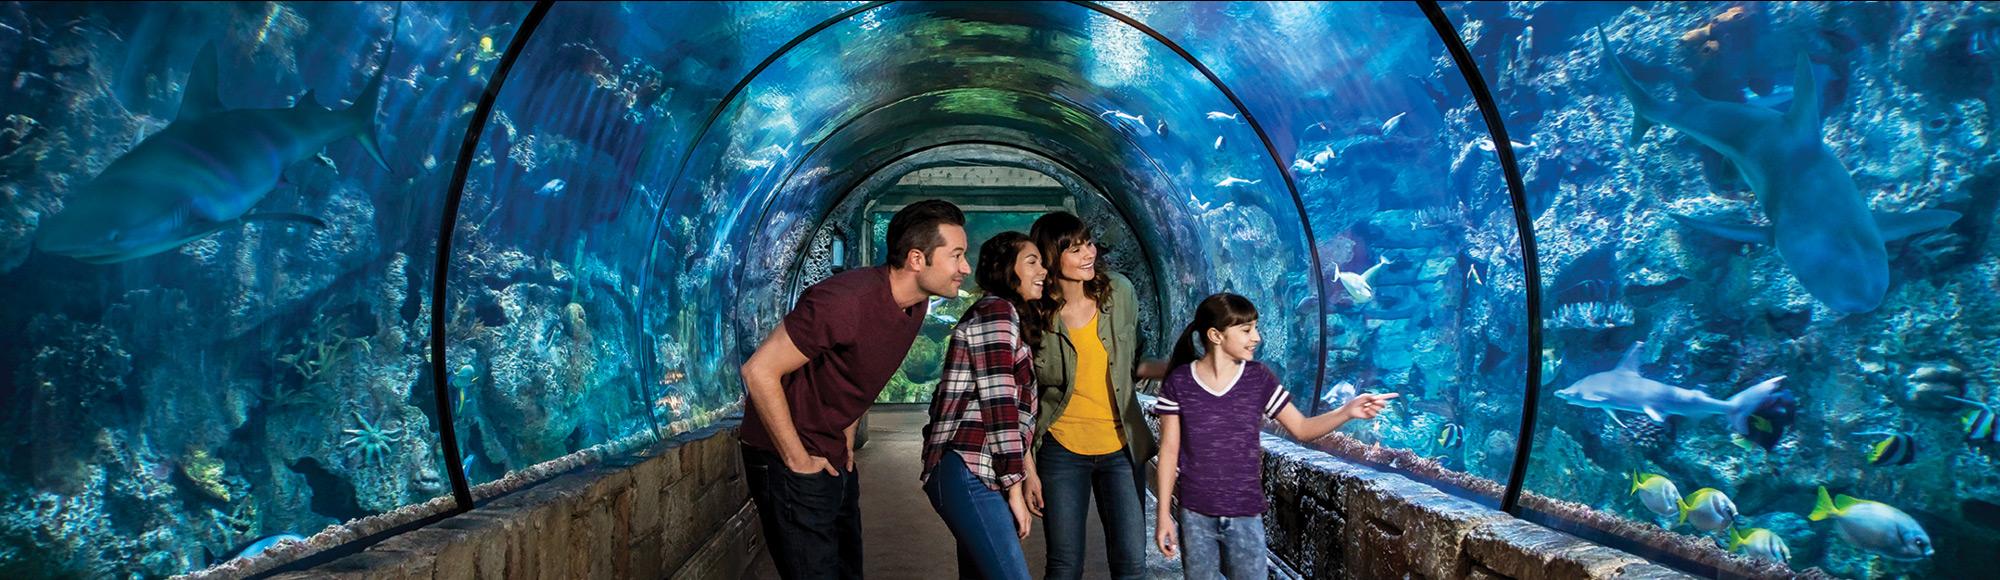 Shark Reef Aquarium attraction